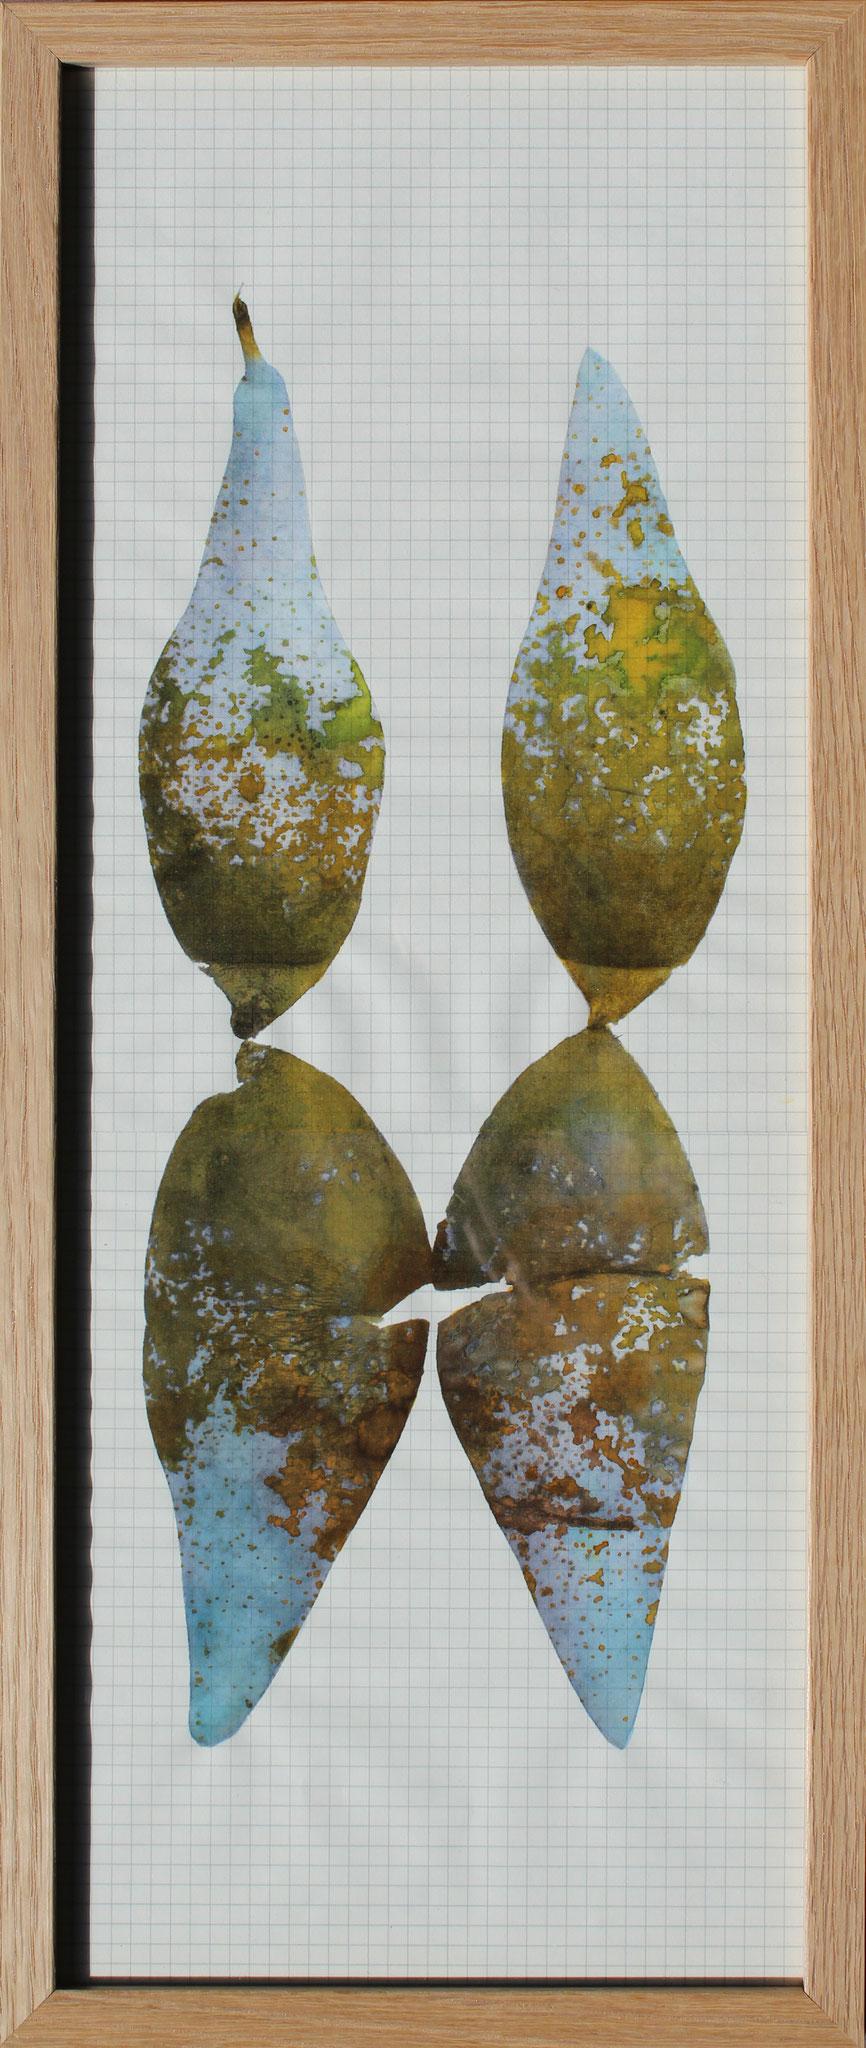 Rika Tanaka, Les Mundis - Pirum, 2018